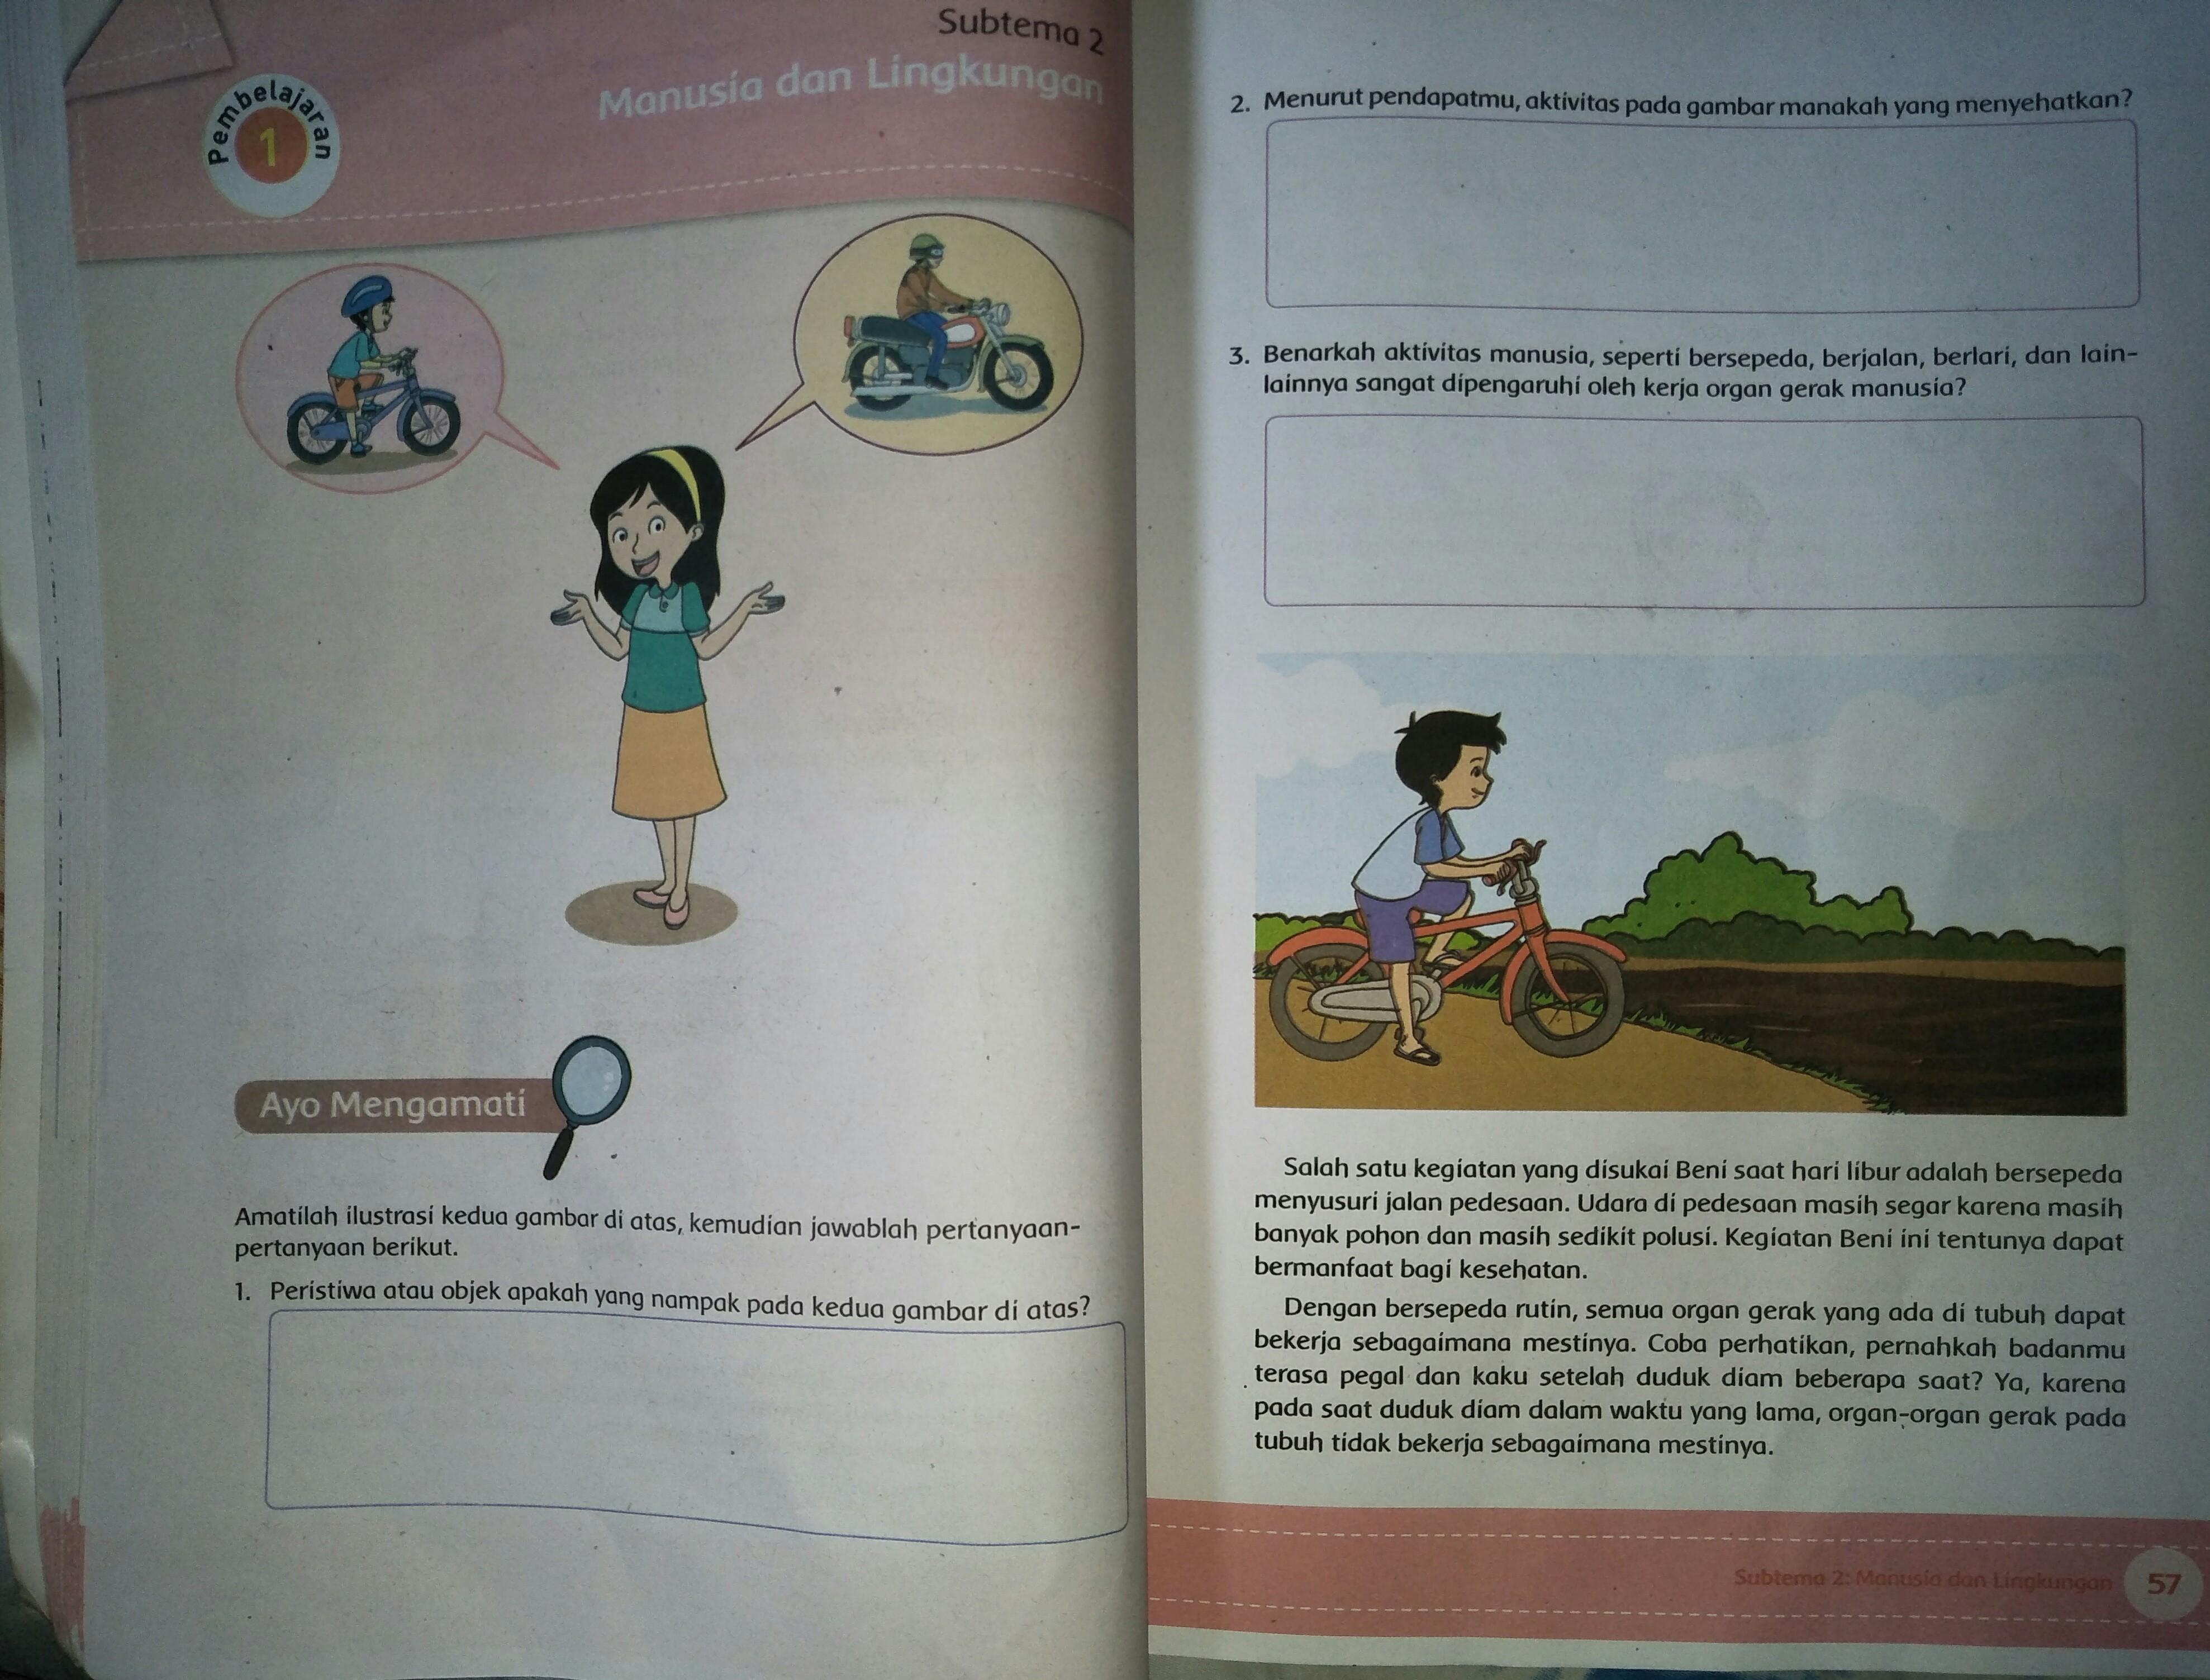 Peristiwa Atau Objek Apakah Yang Nampak Pada Kedua Gambar Diatas Sepeda Dan Motor Peristiwa Atau Objek Apakah Yang Nampak Pada Kedua Gambar Di Atas